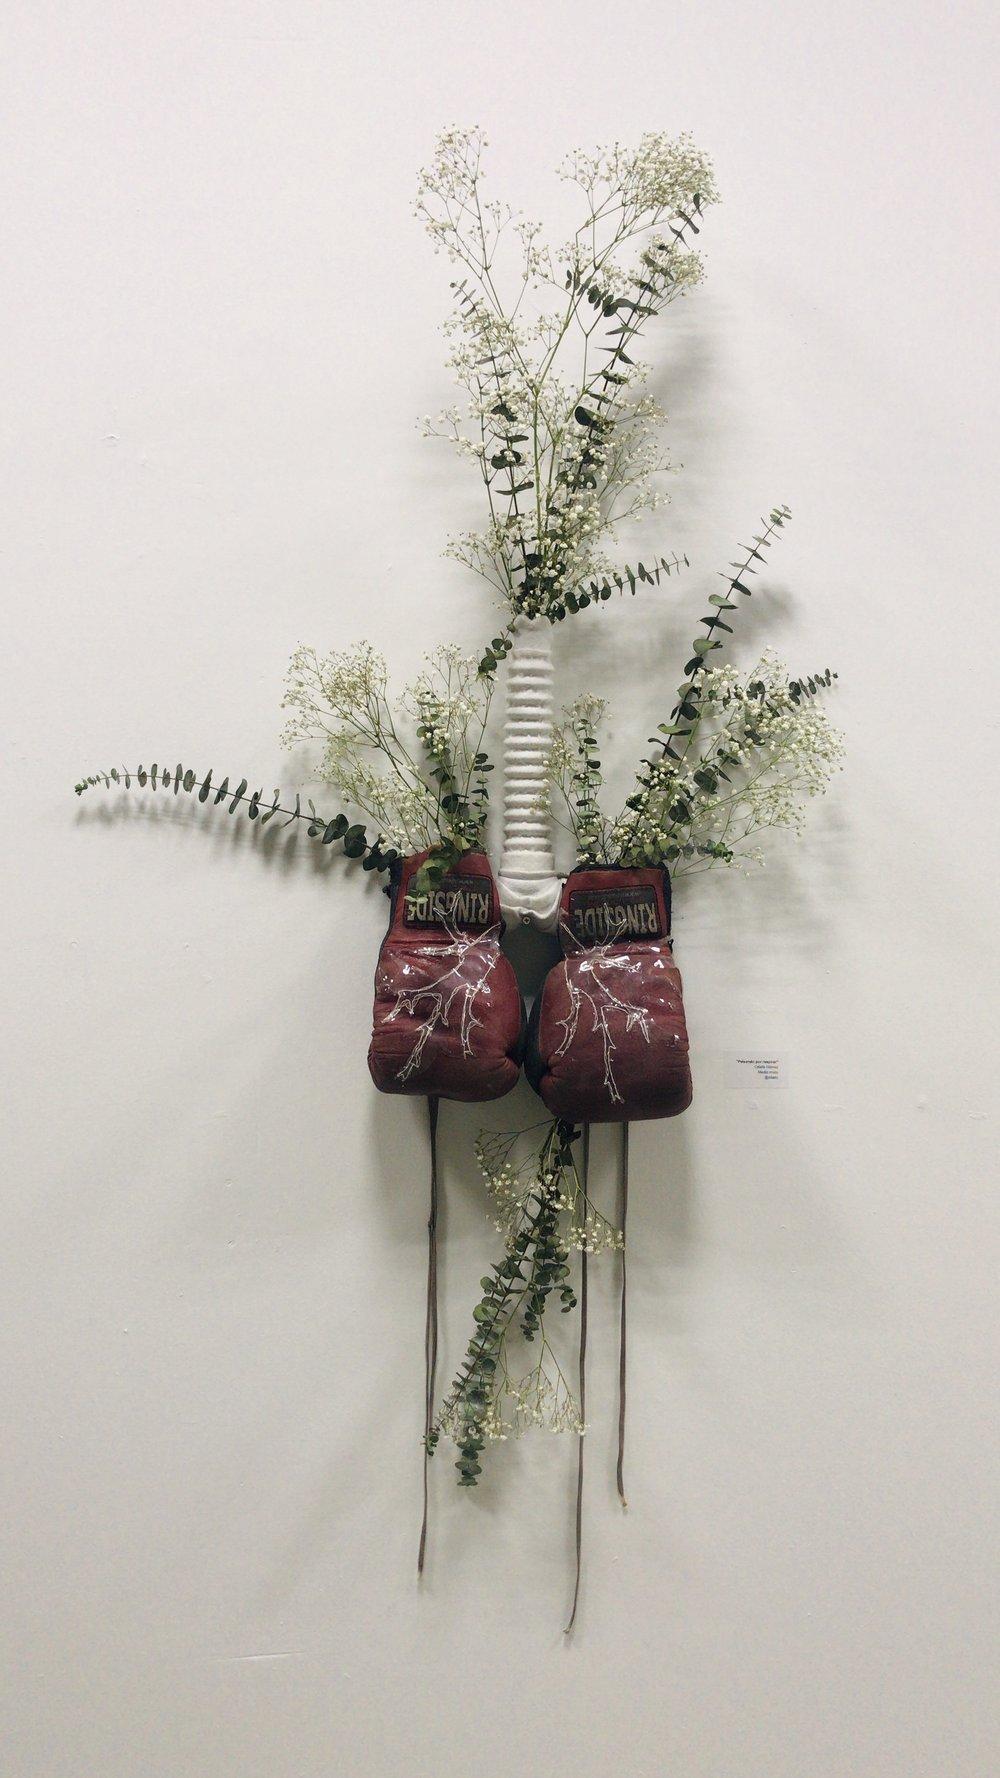 Peleando por Respirar. Pieza del artista Odalis Gómez .